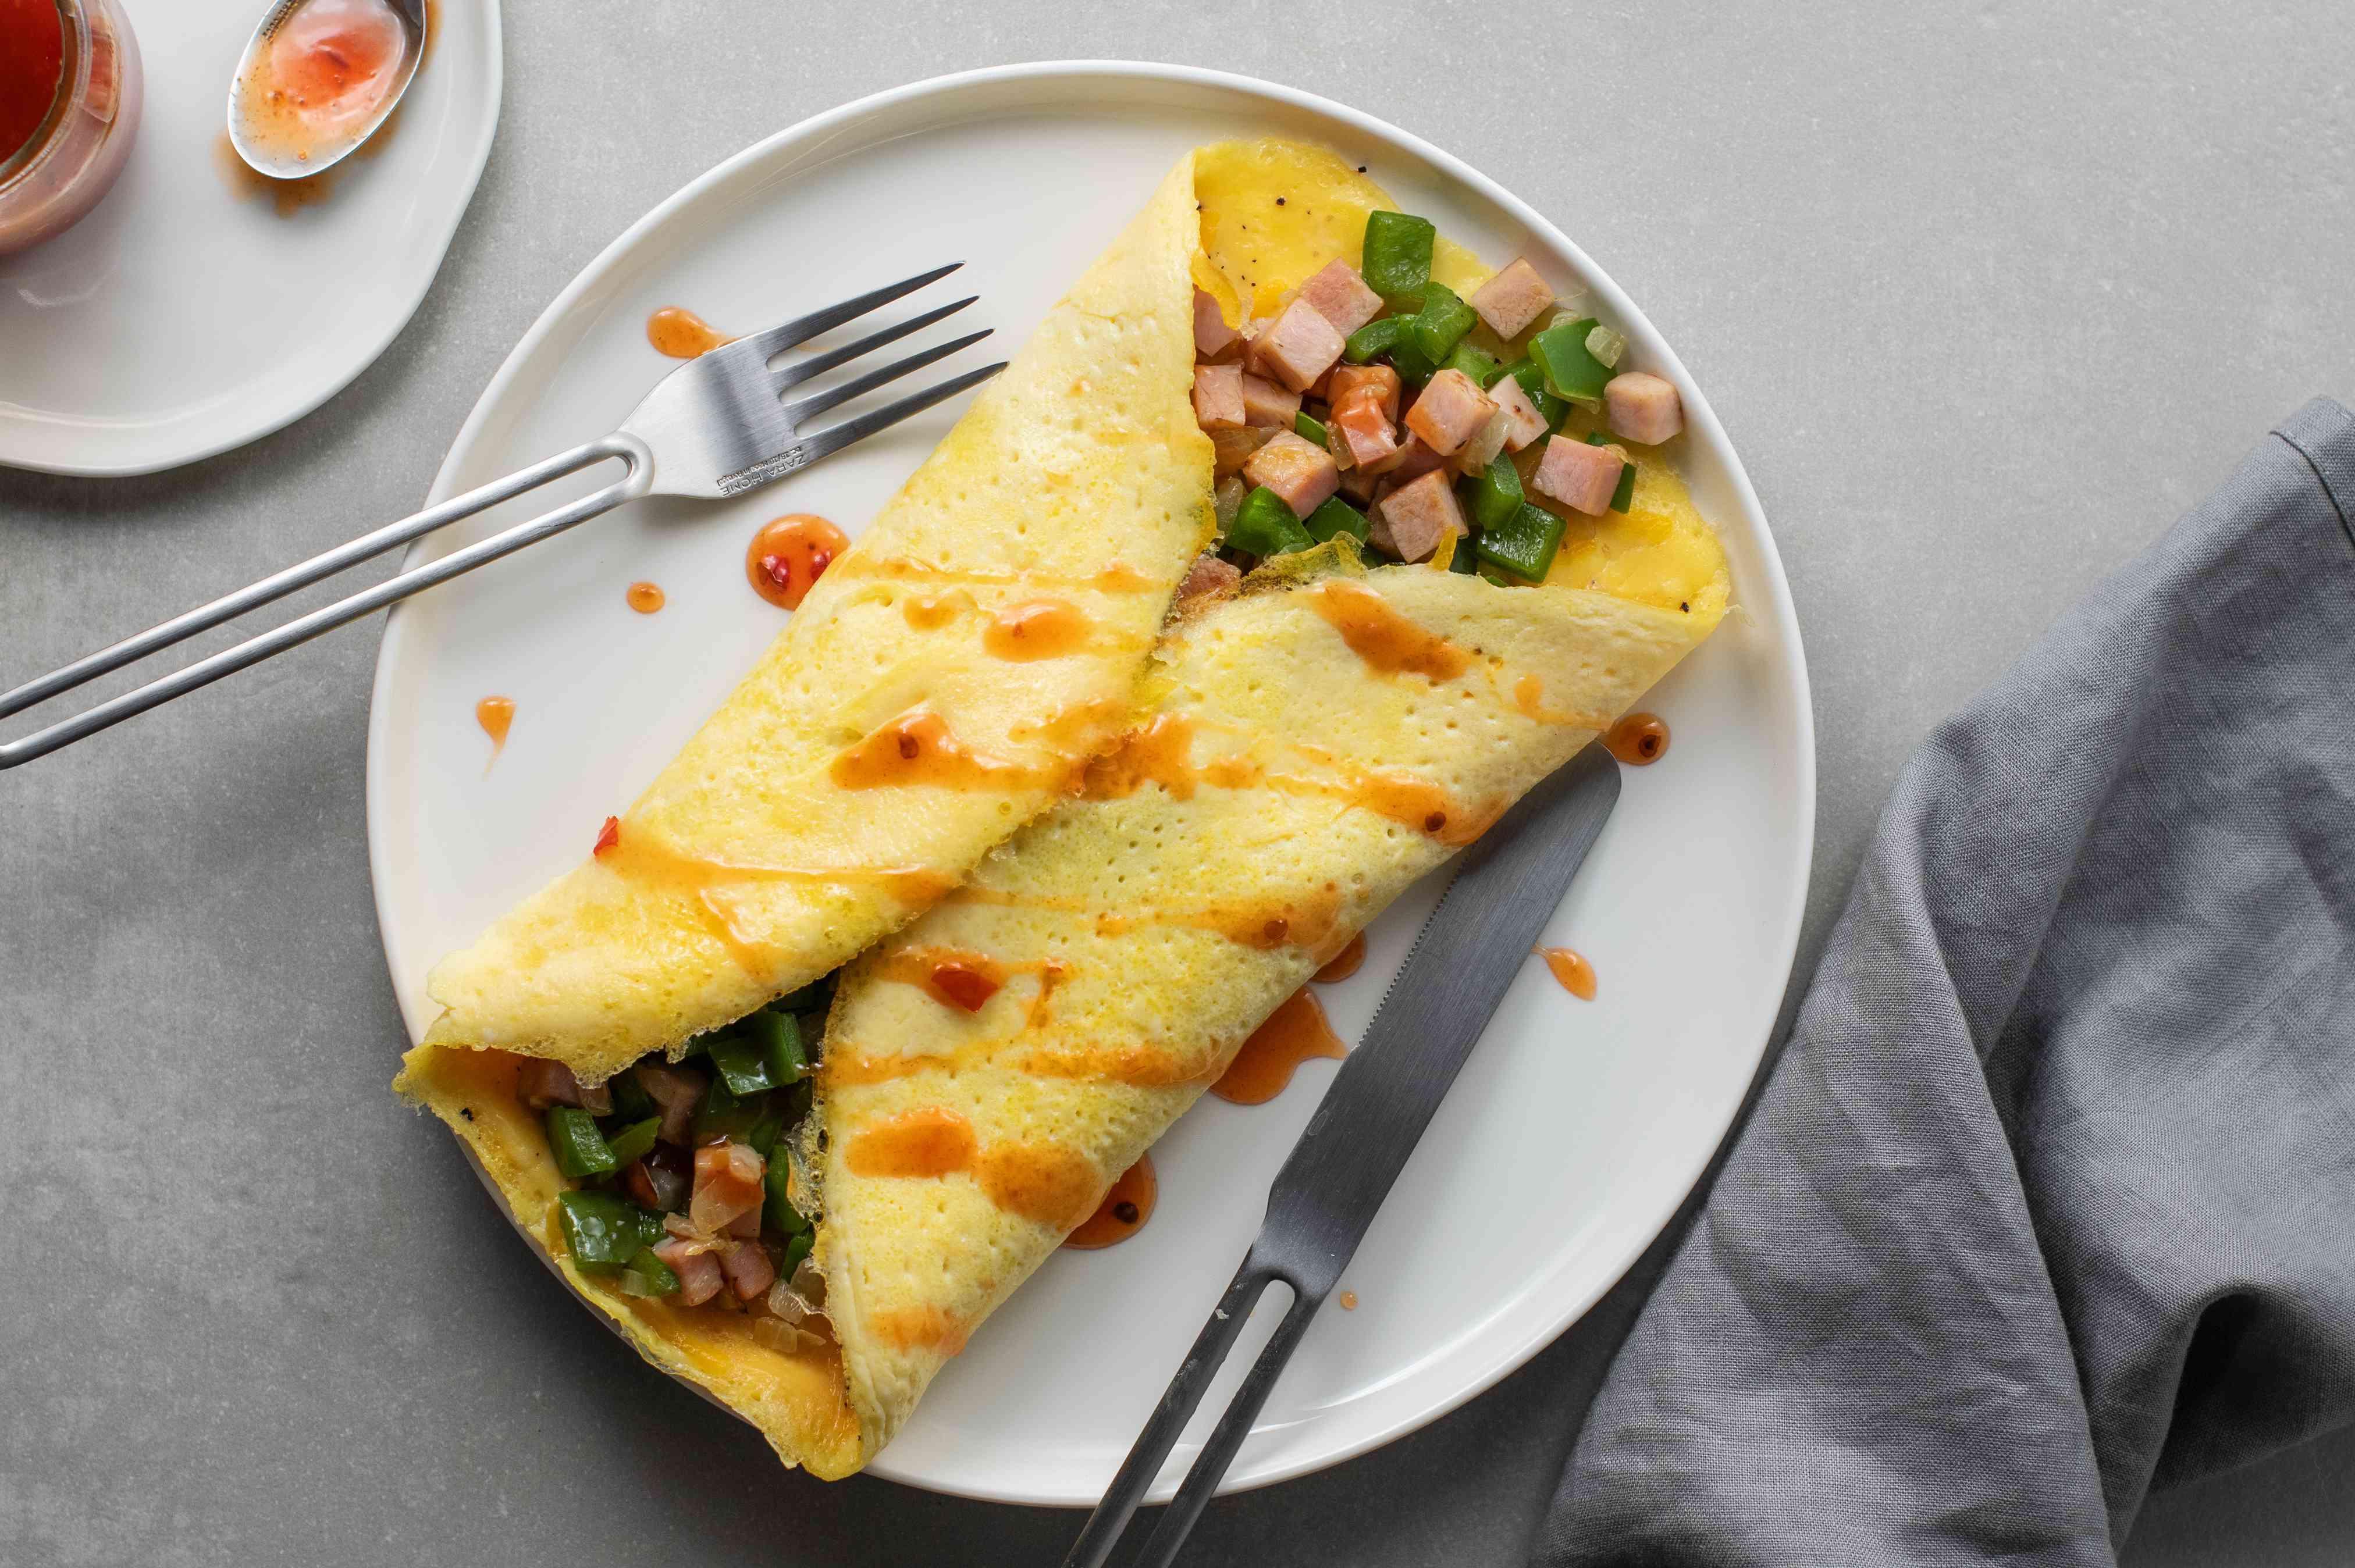 Denver omelet